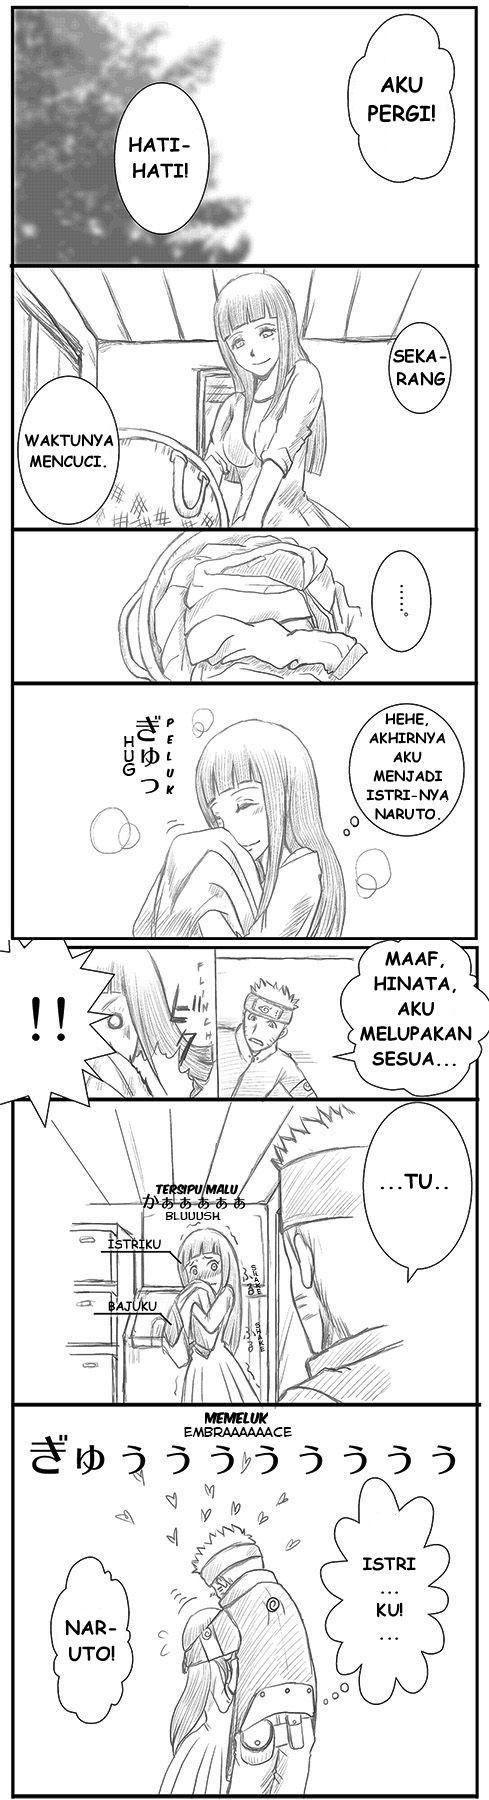 Komik Naruto Hinata Menikah : komik, naruto, hinata, menikah, Hinata, Hyuga